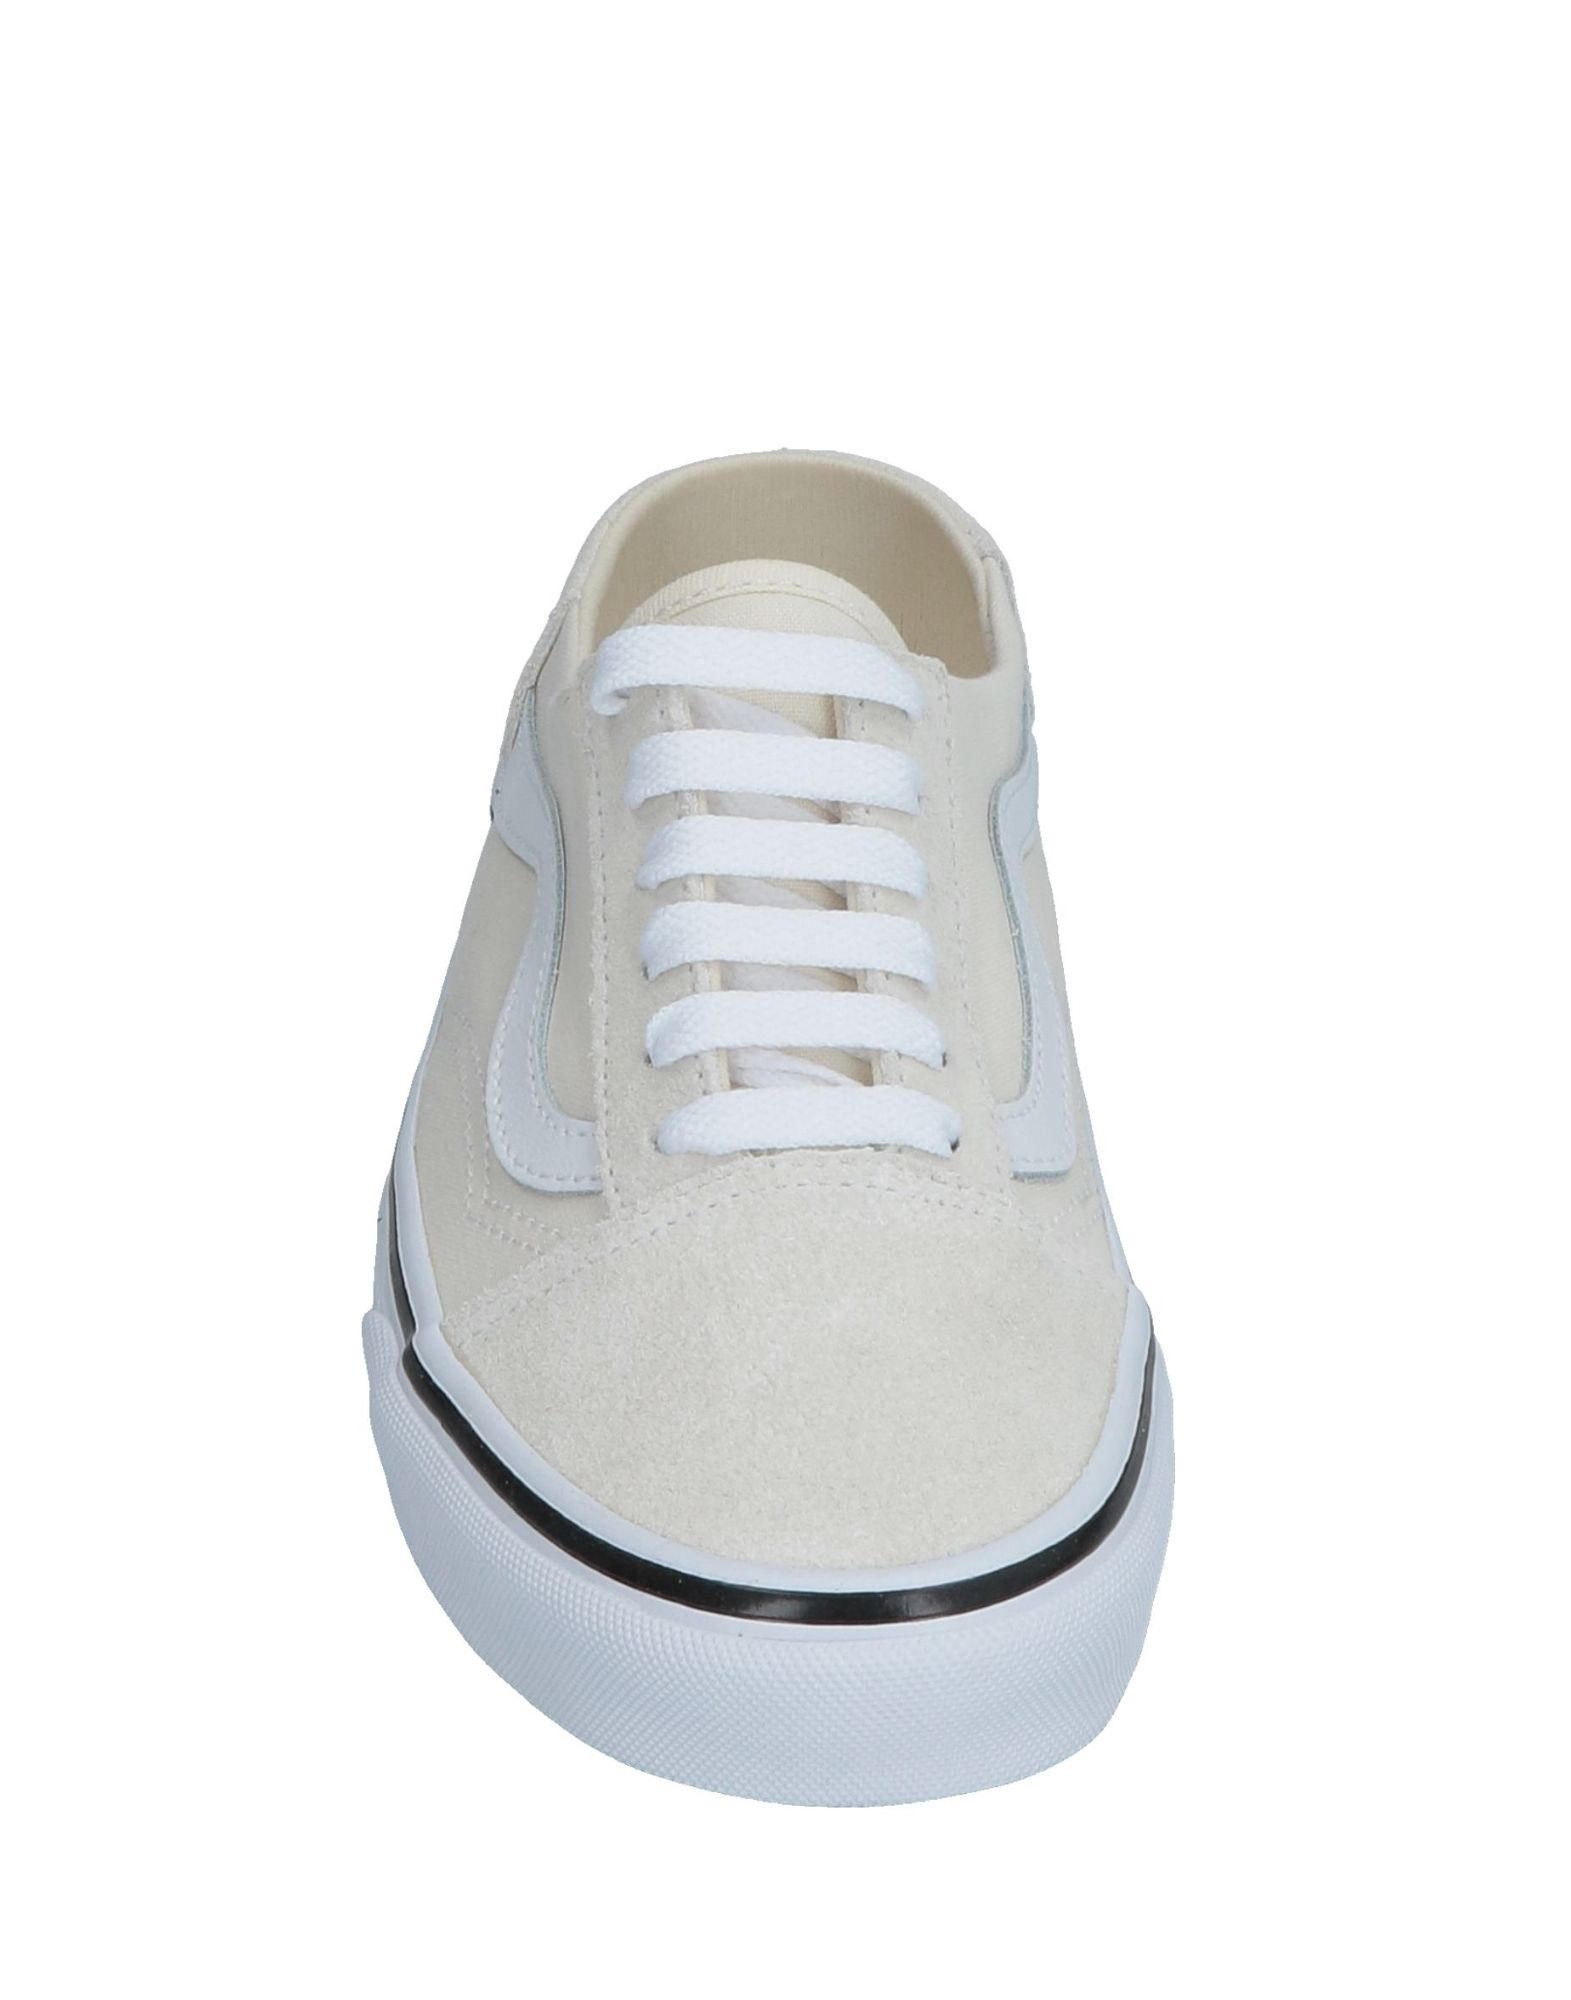 Vans Sneakers Sneakers Vans Damen Gutes Preis-Leistungs-Verhältnis, es lohnt sich 074da1